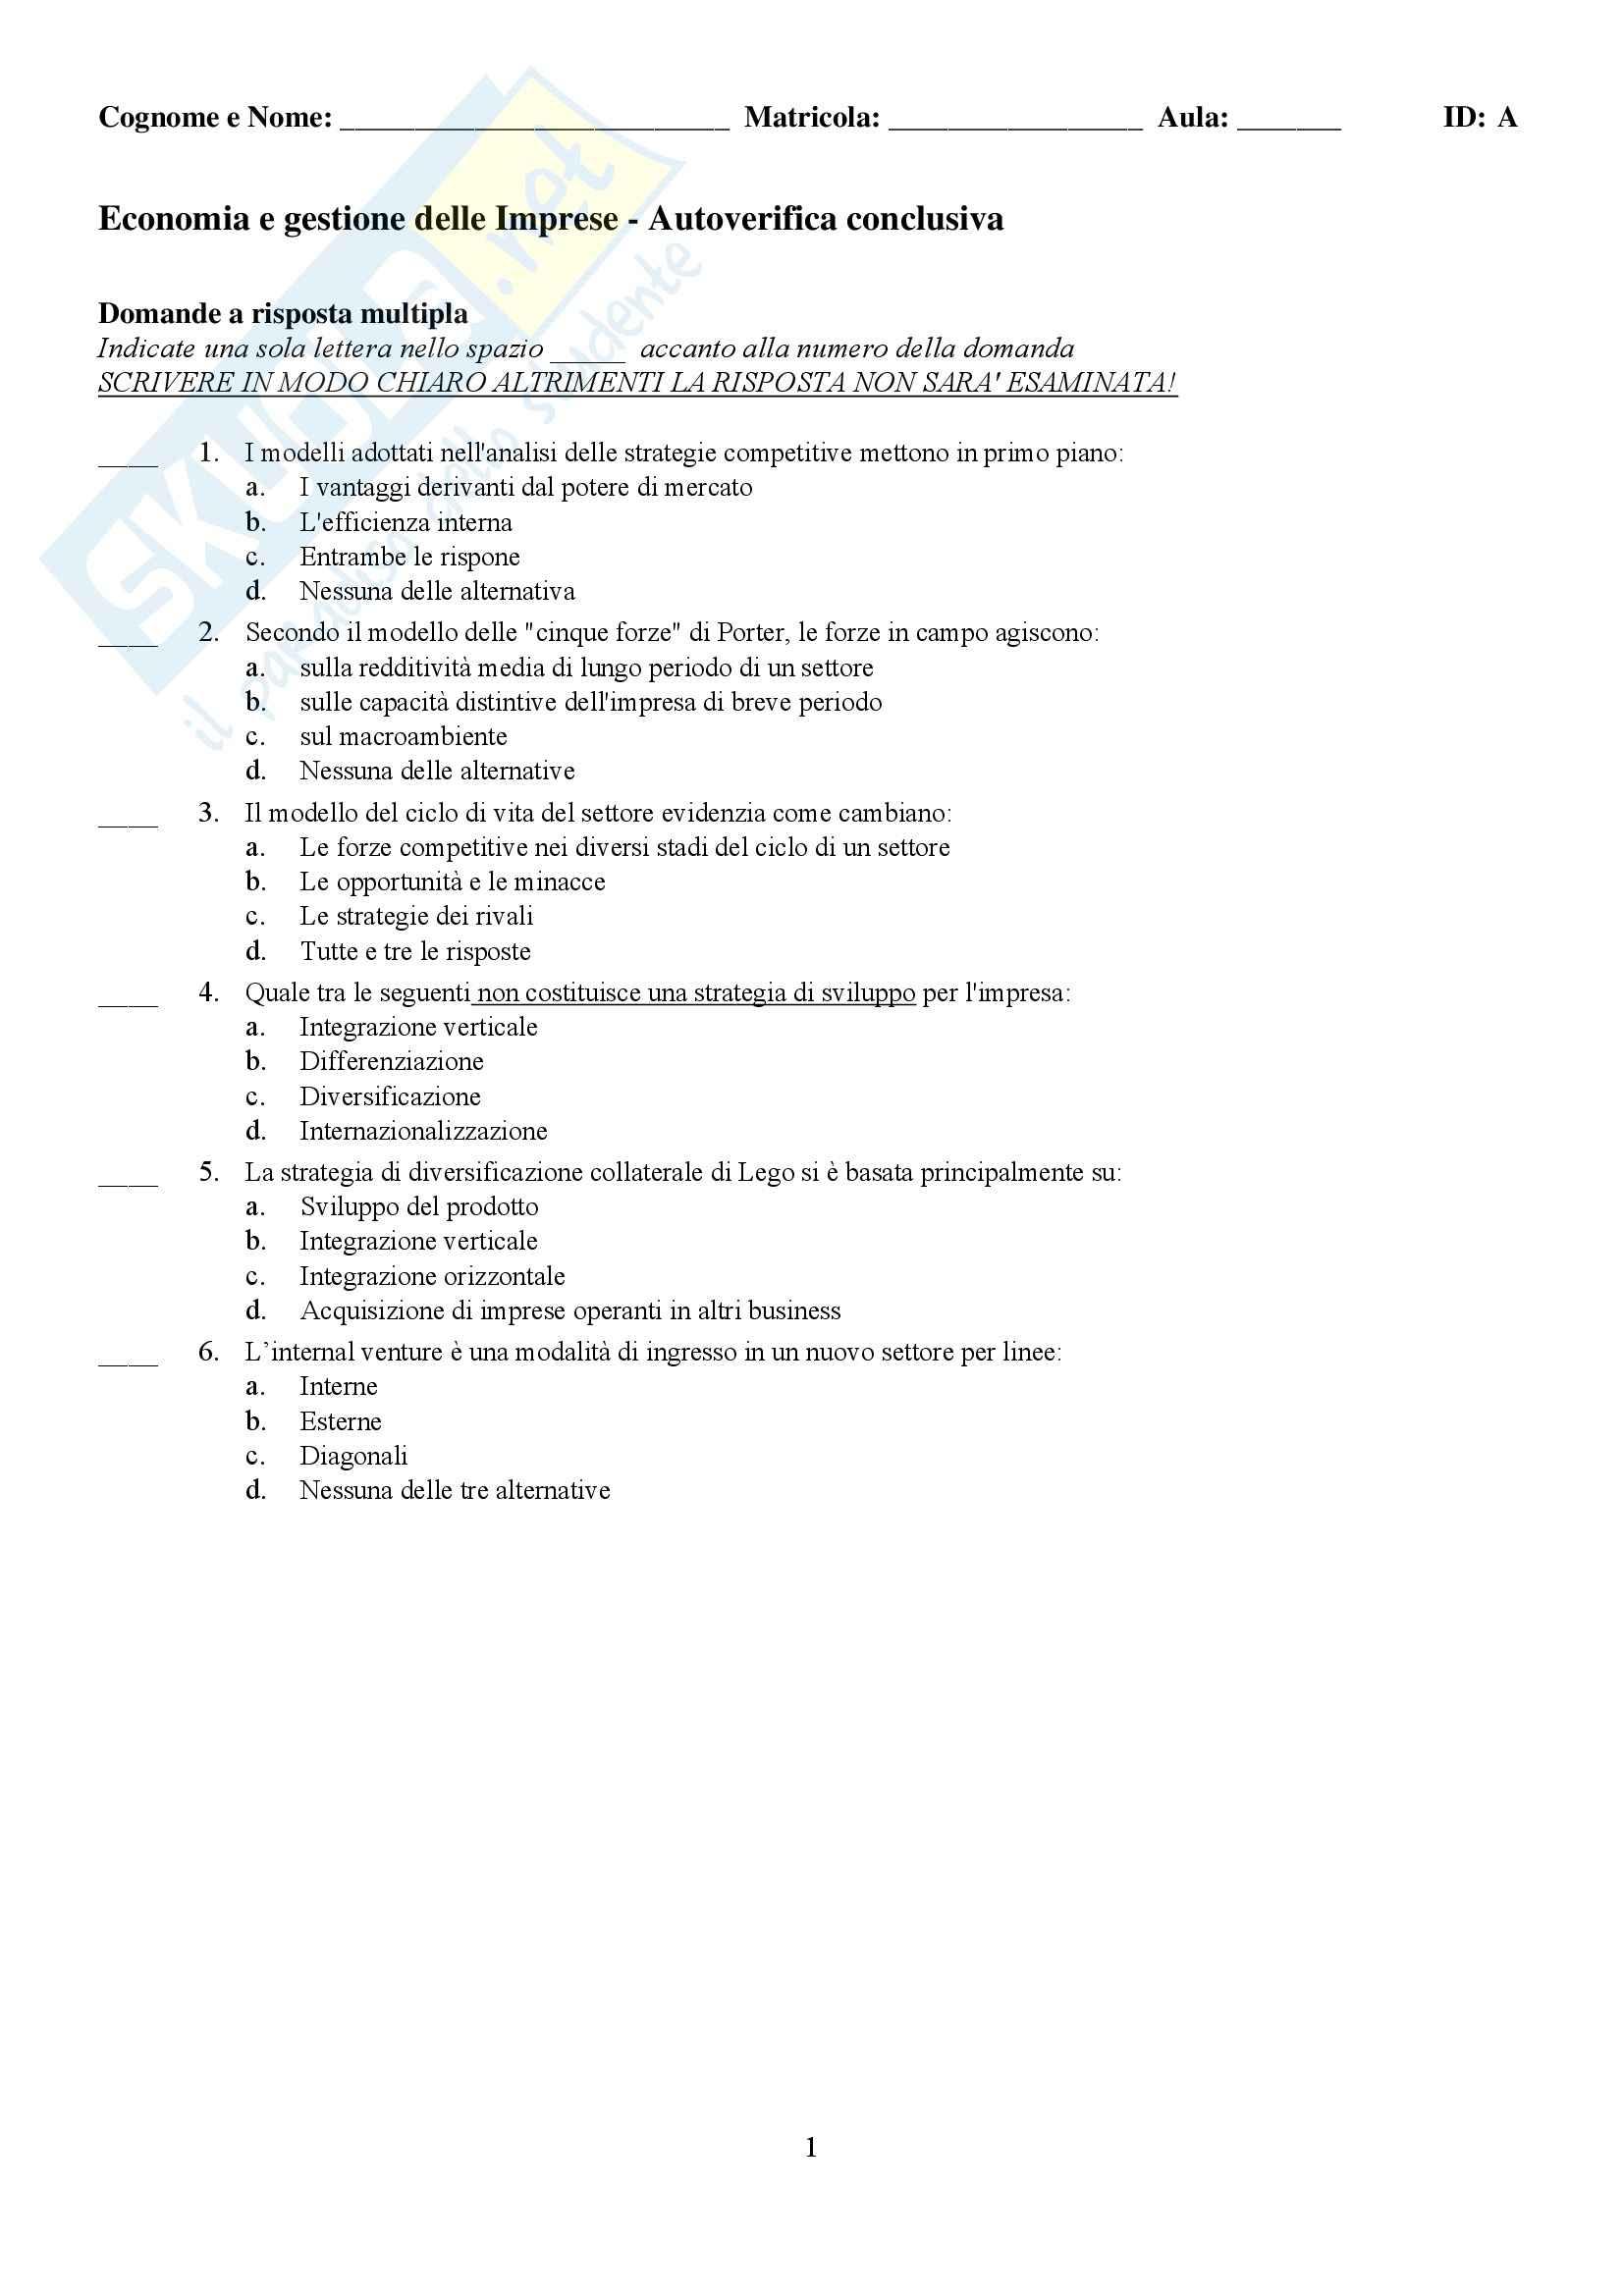 appunto M. Romano Economia e gestione delle imprese